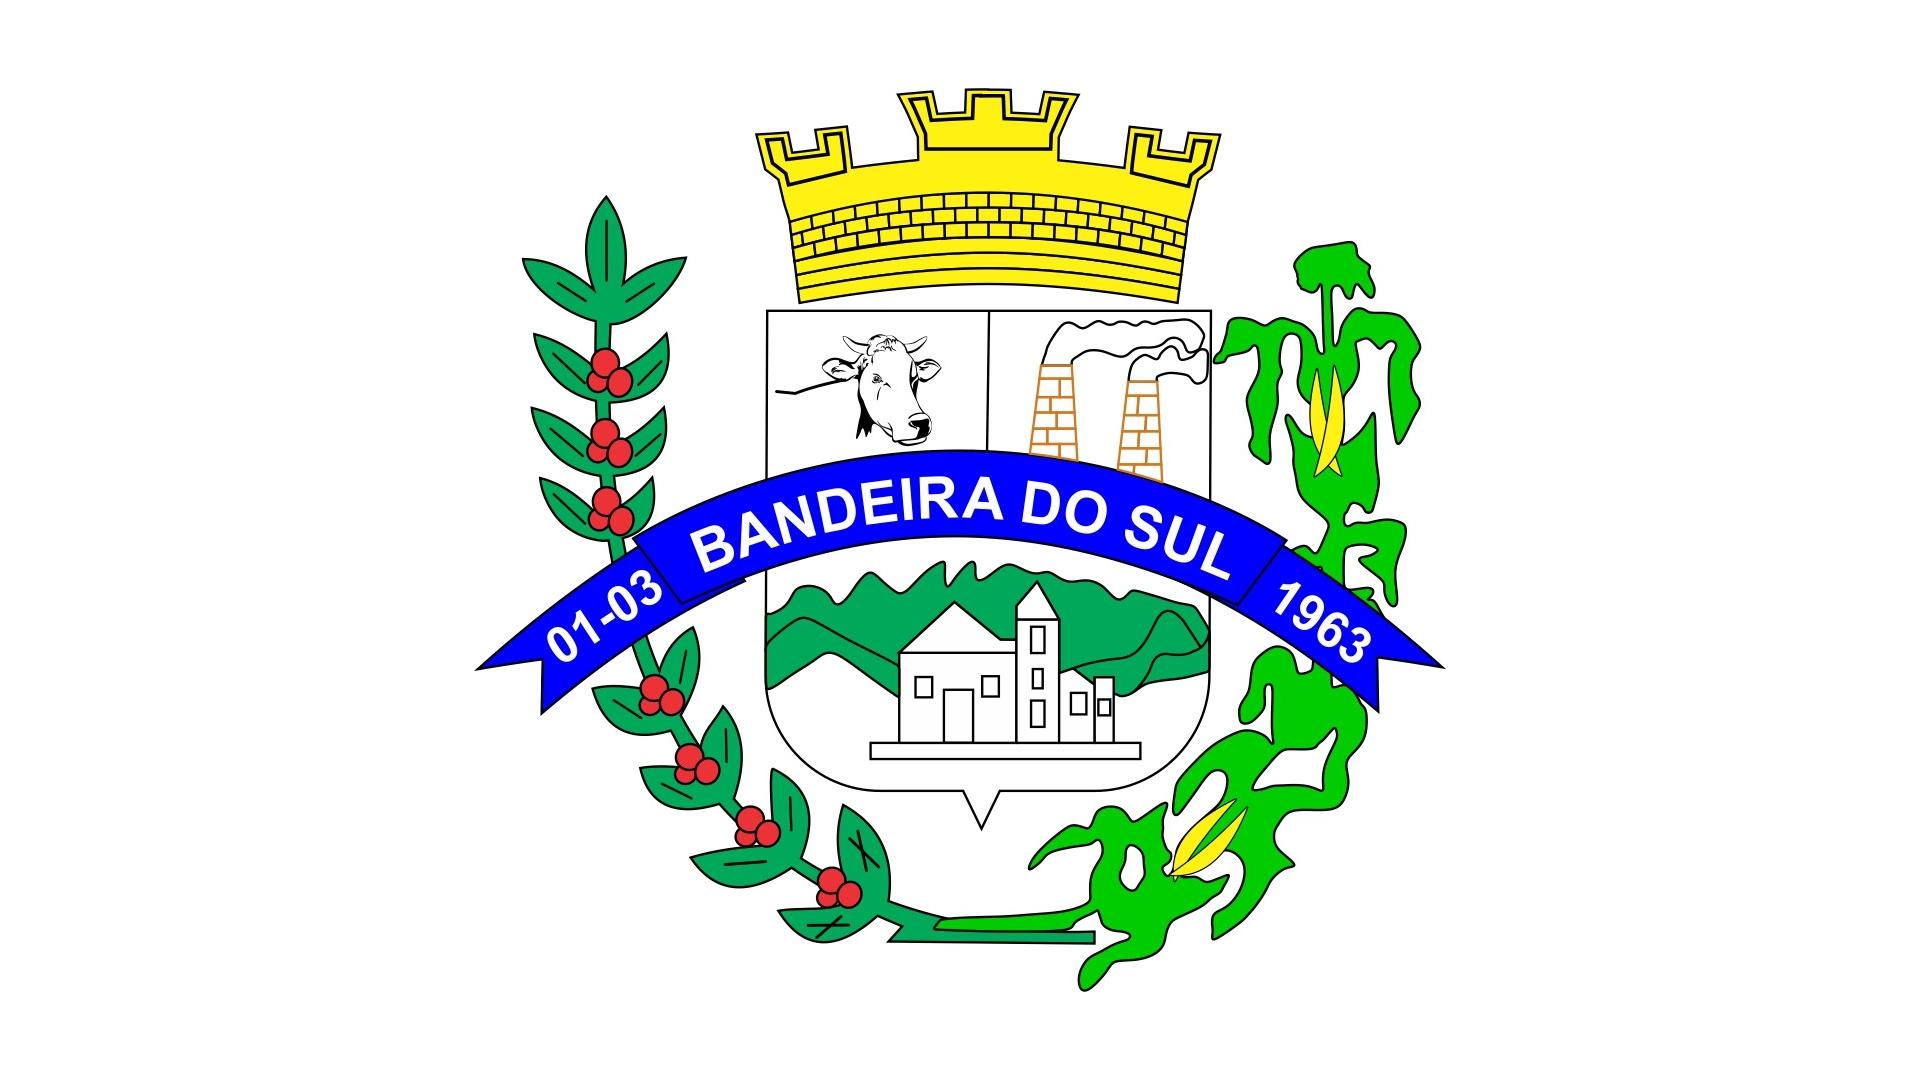 Bandeira do Sul Minas Gerais fonte: upload.wikimedia.org